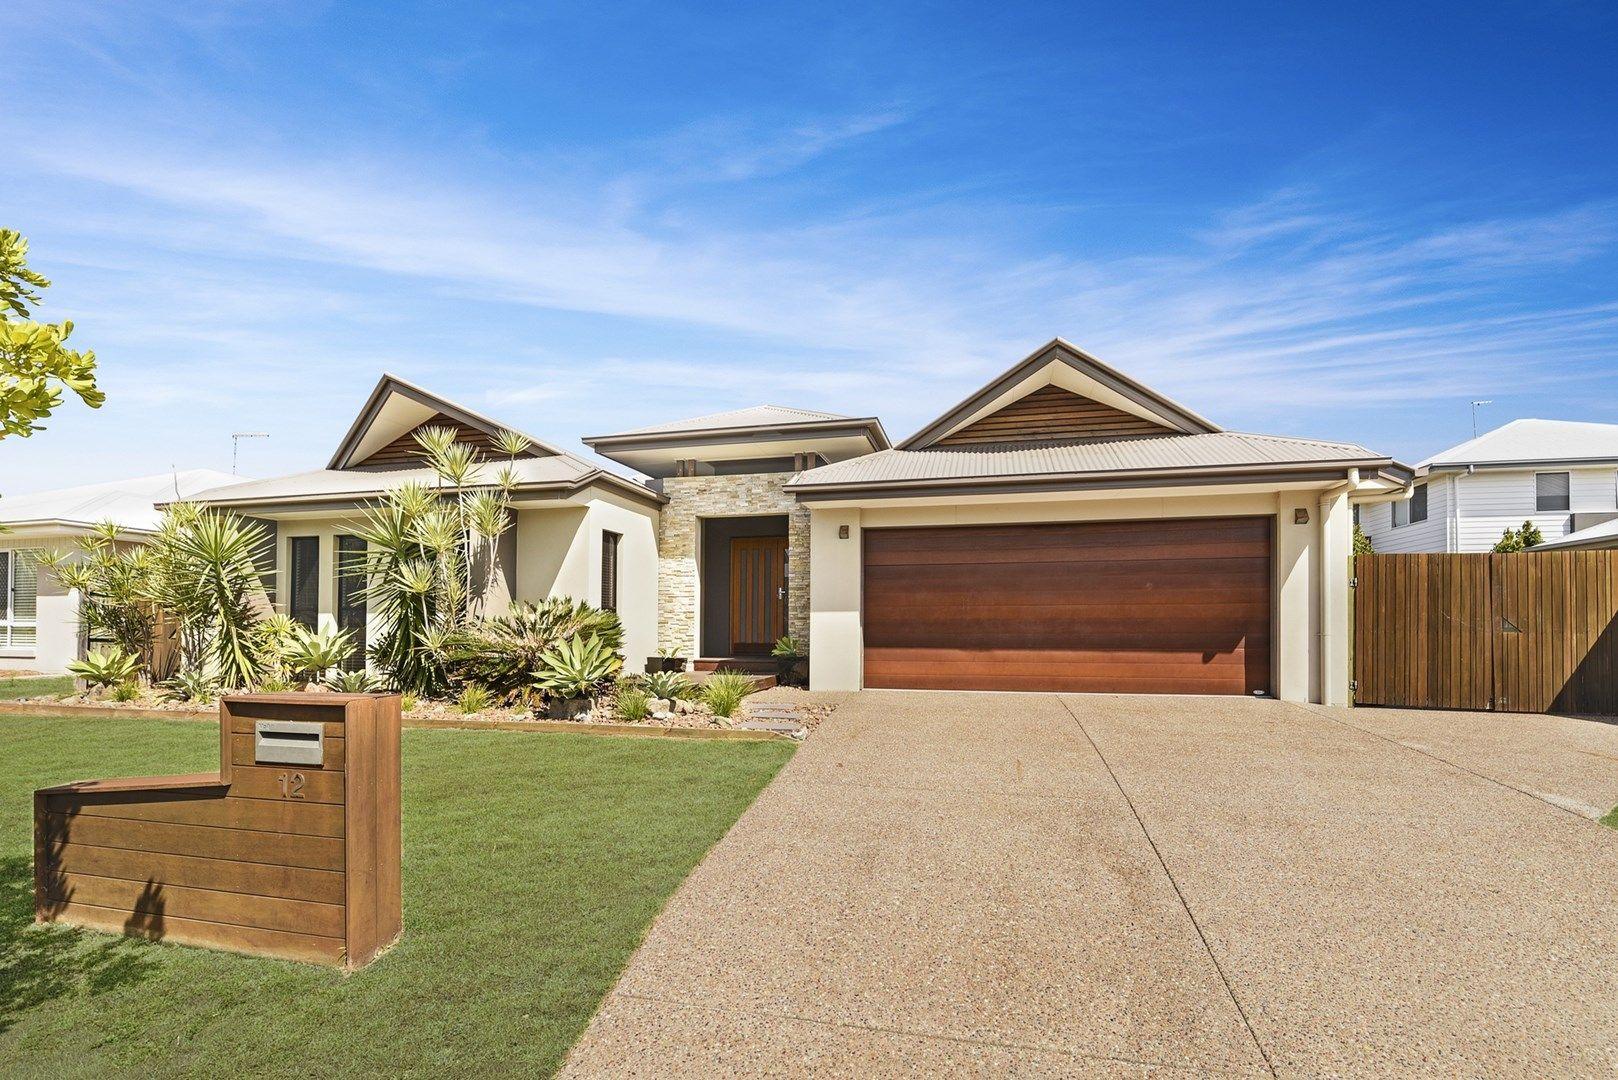 12 Ketch Street, Wurtulla QLD 4575, Image 0